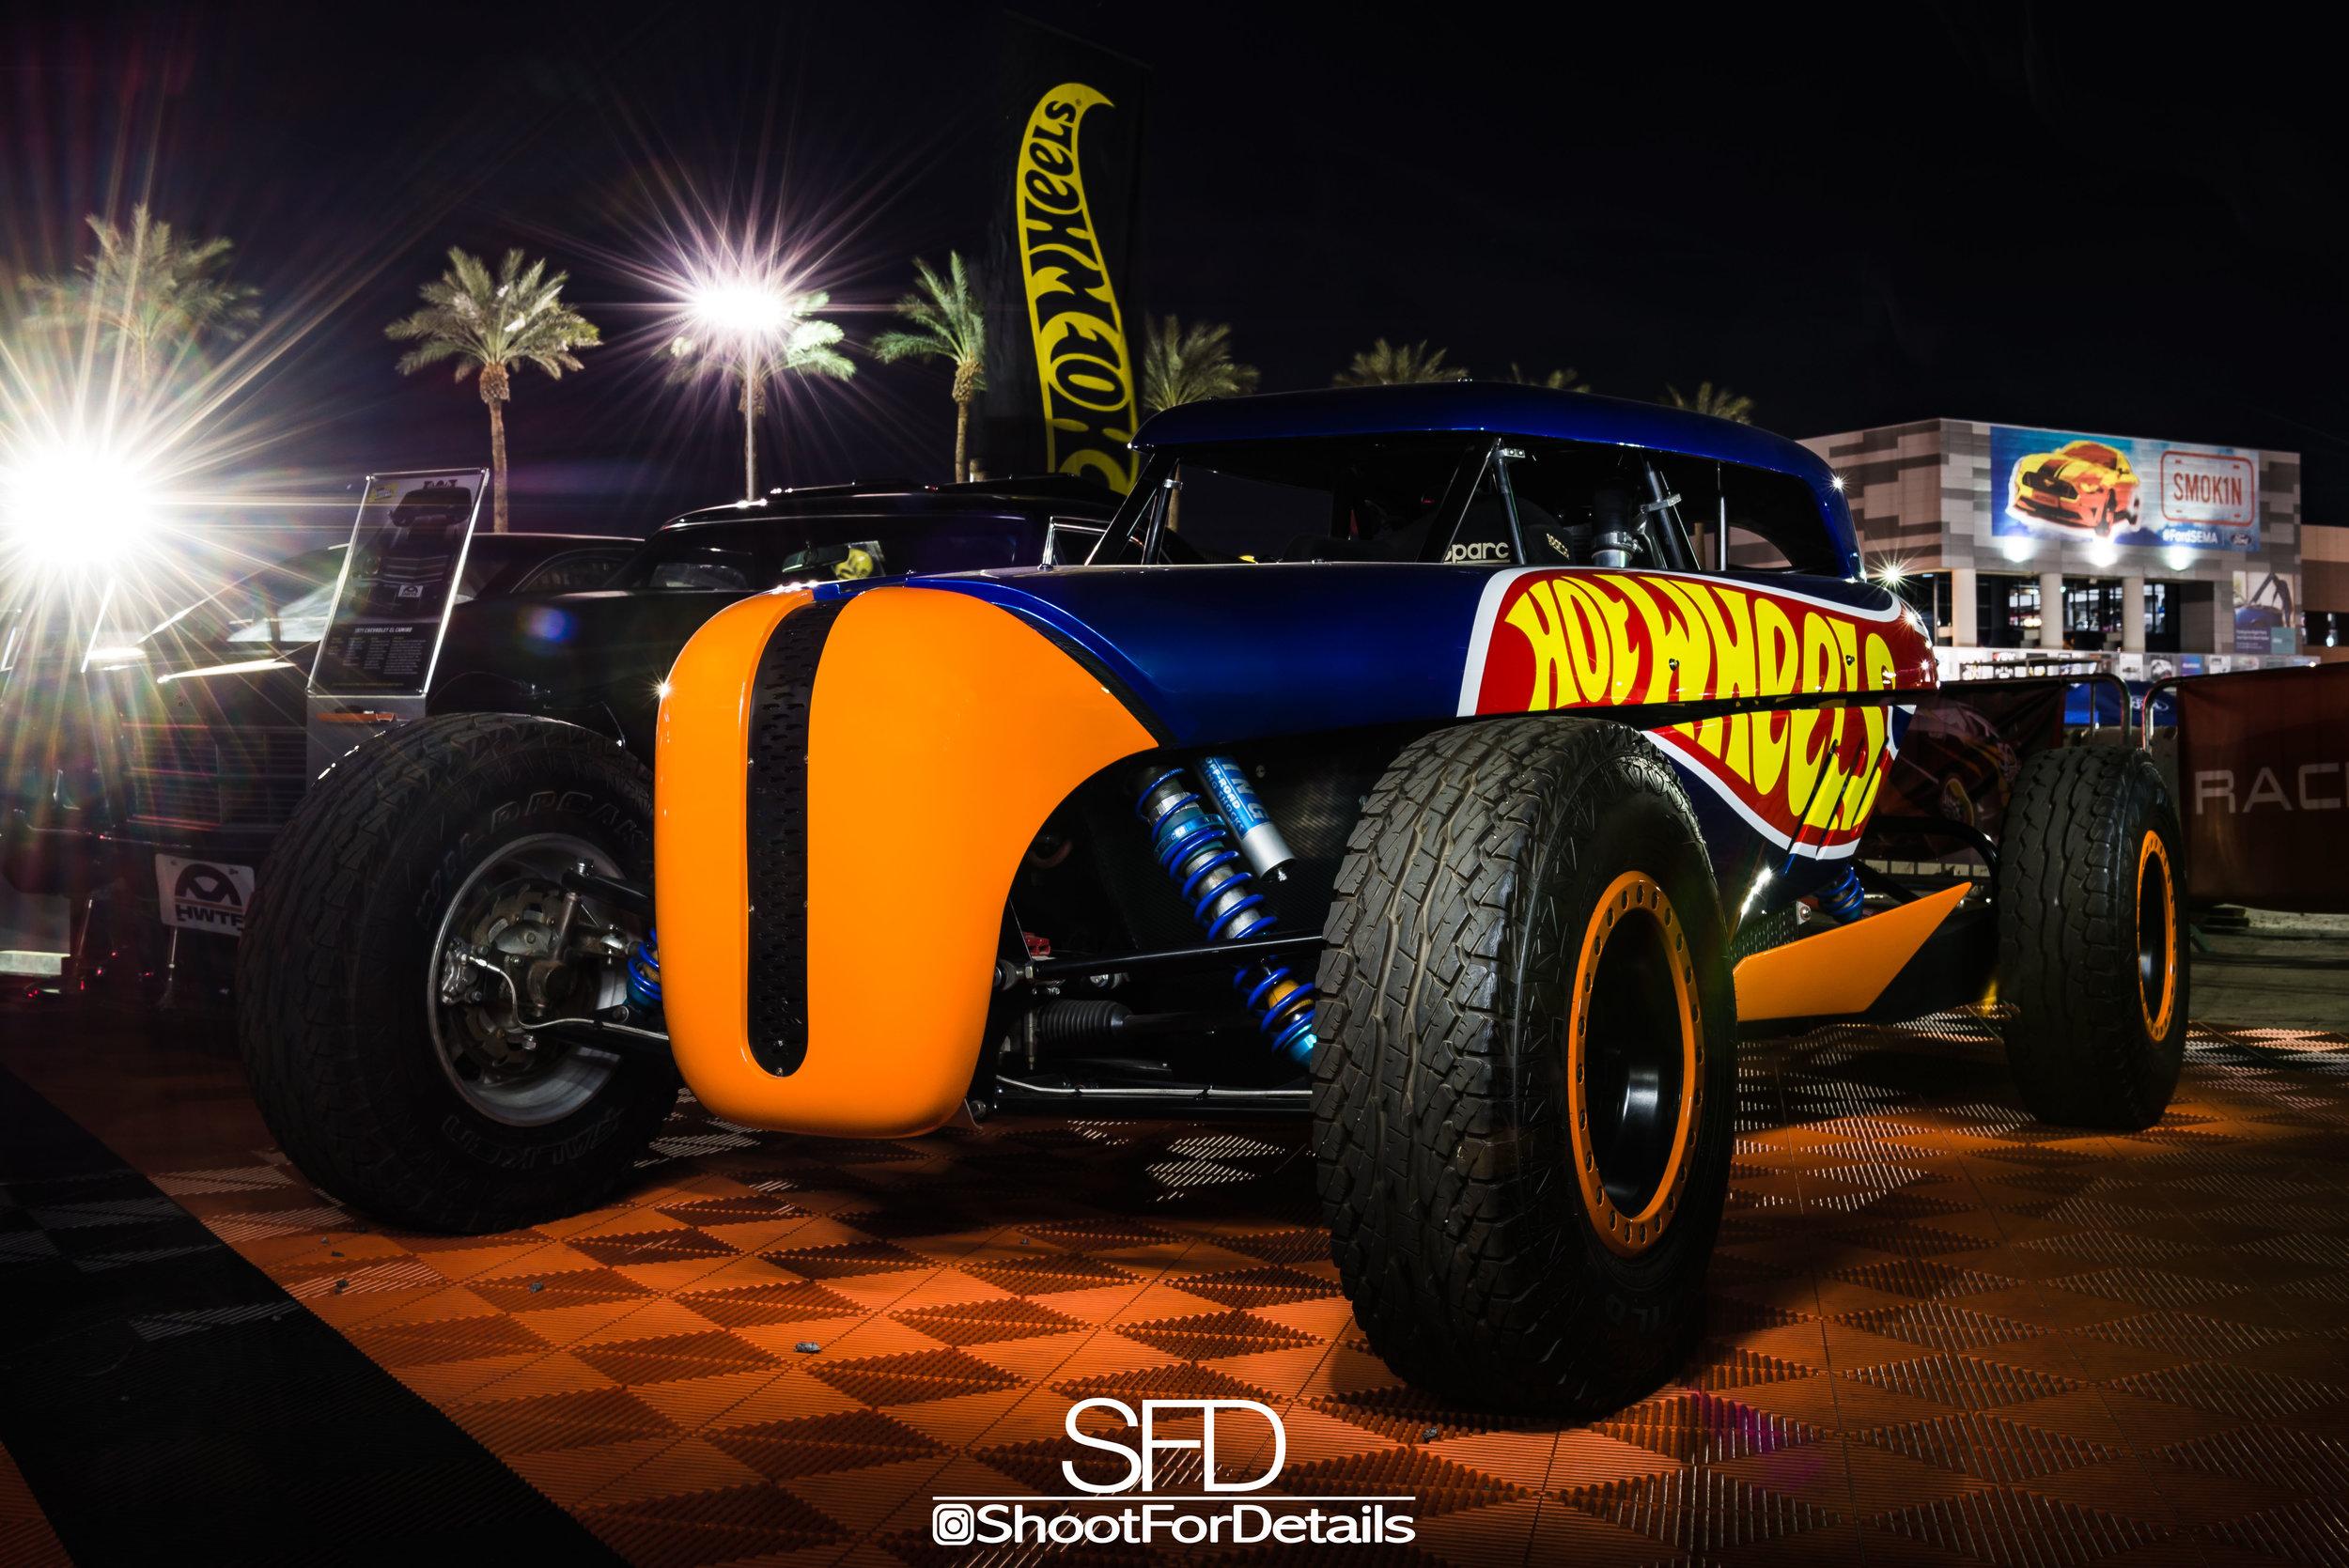 SFD_8951-Edit-Edit.jpg